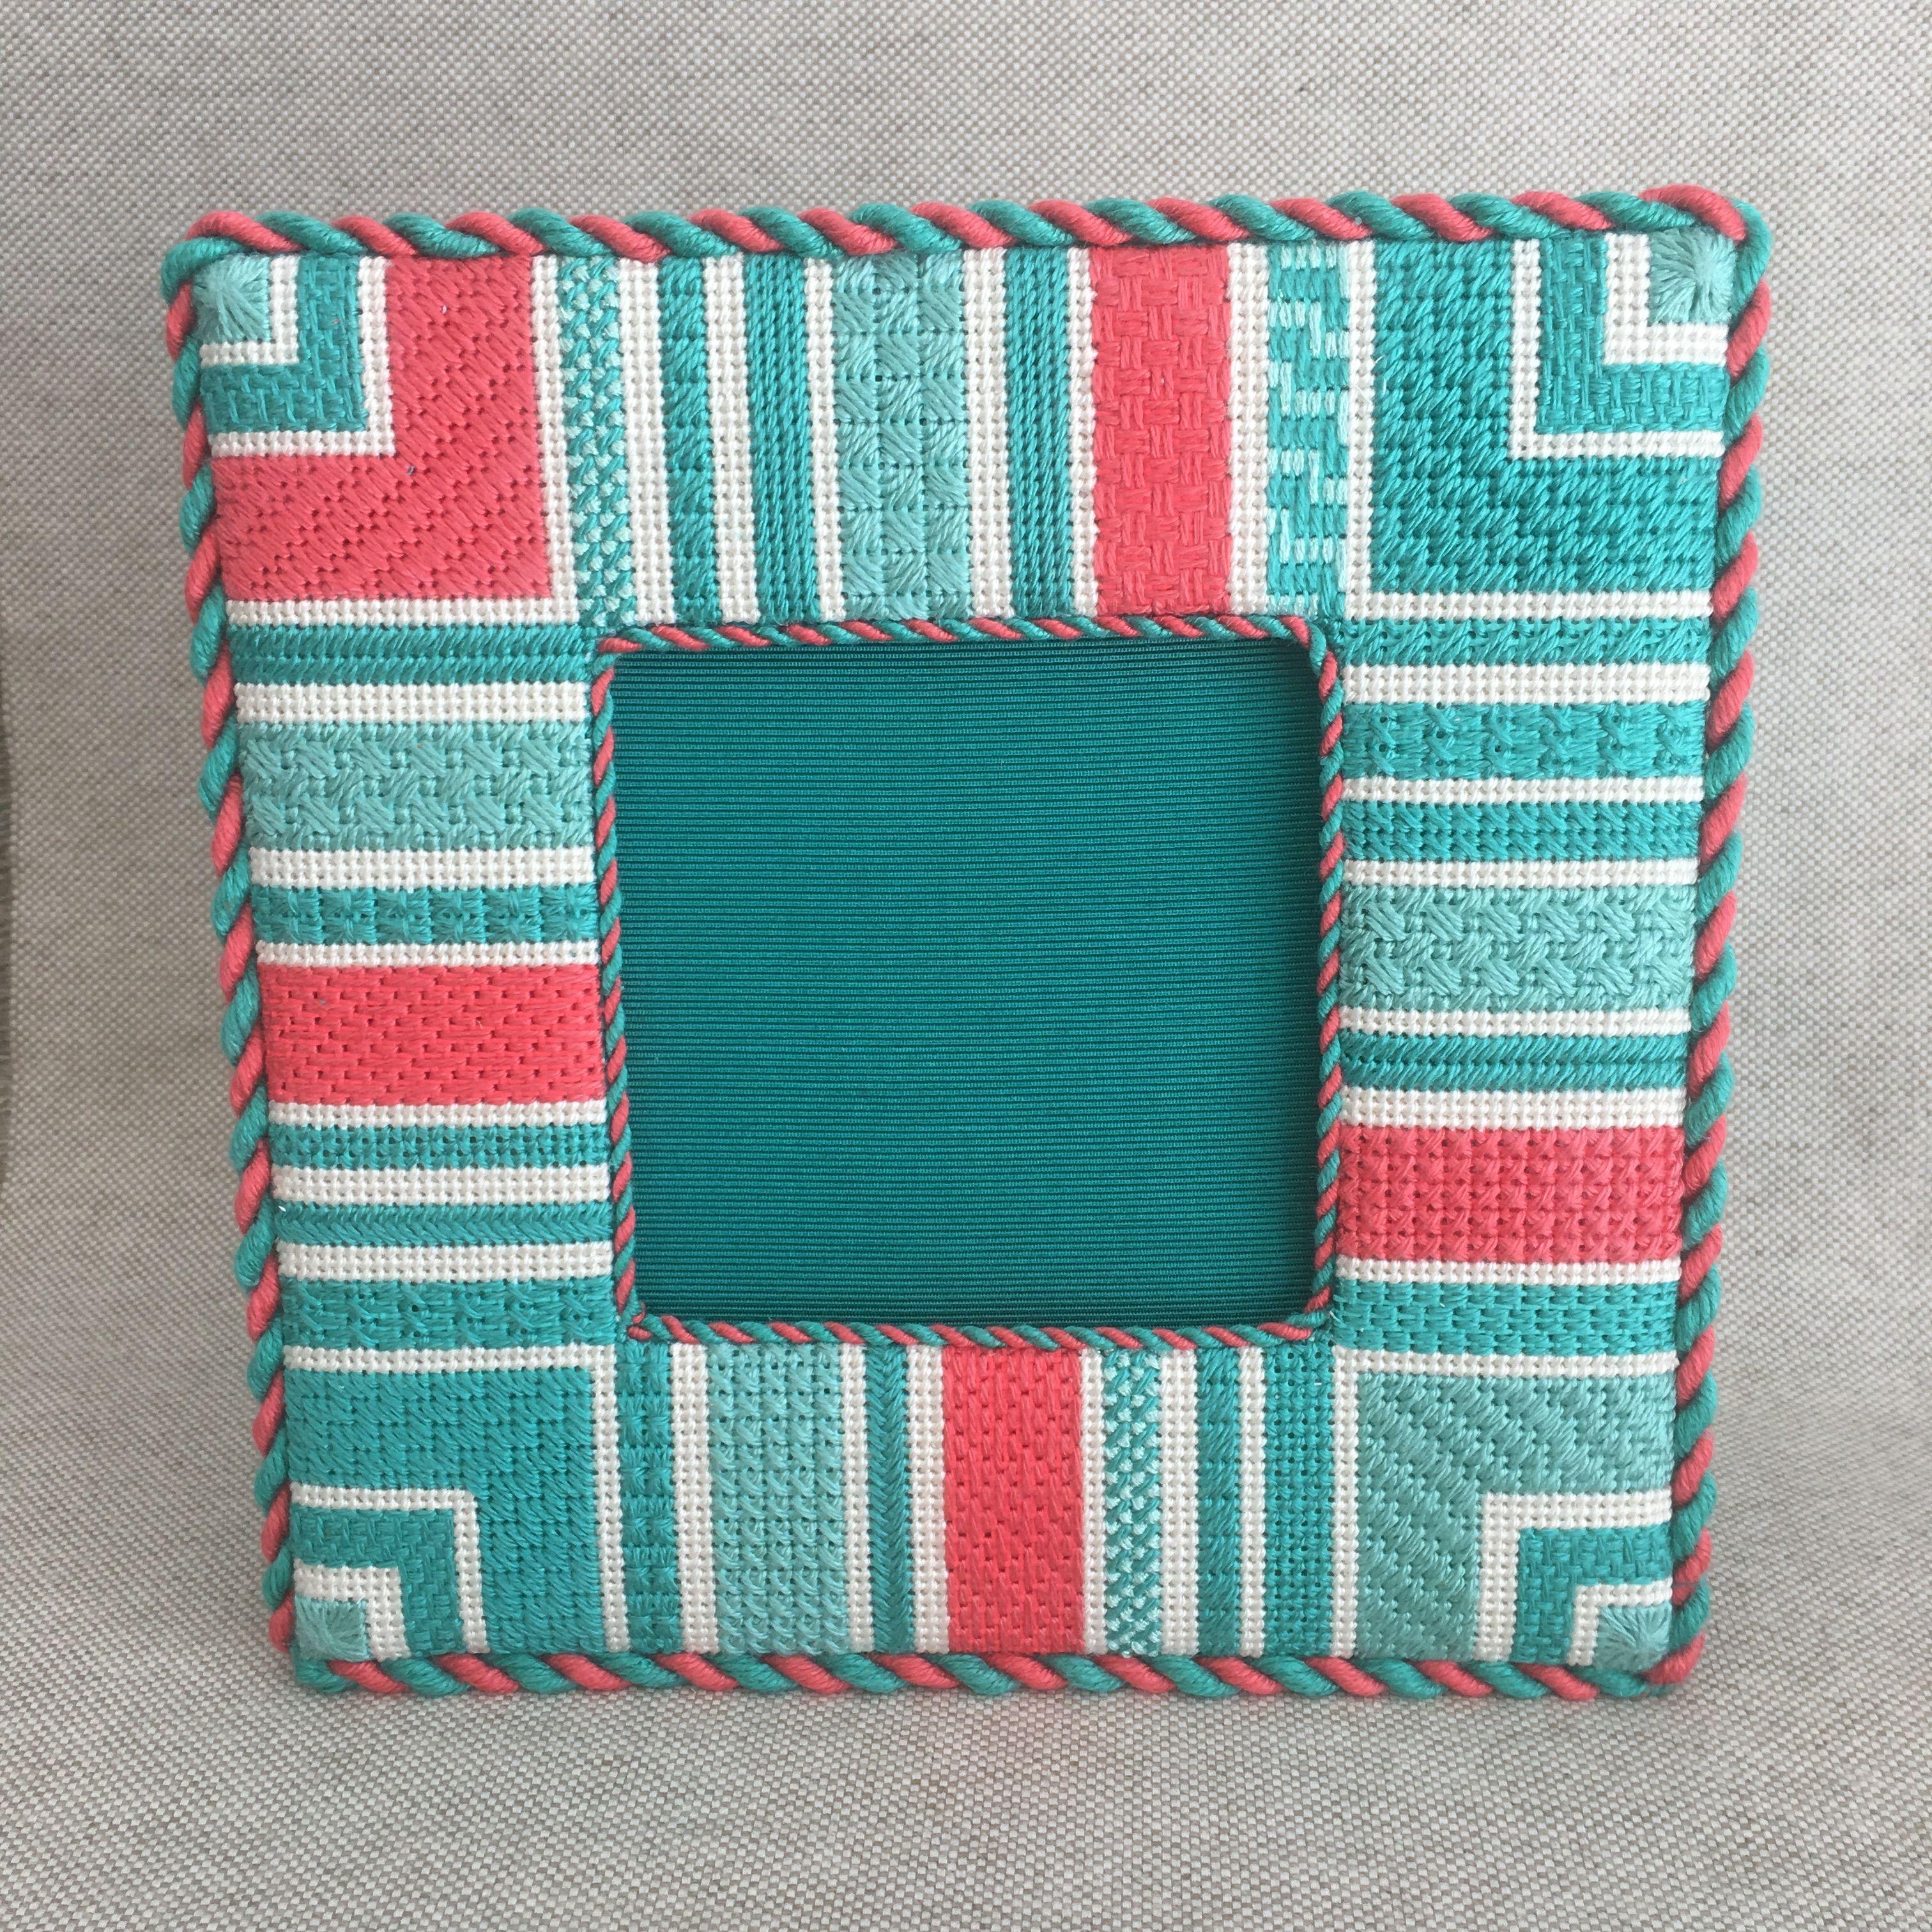 Finishing of aqua and coral needlepoint frame | Needlepoint Shop ...